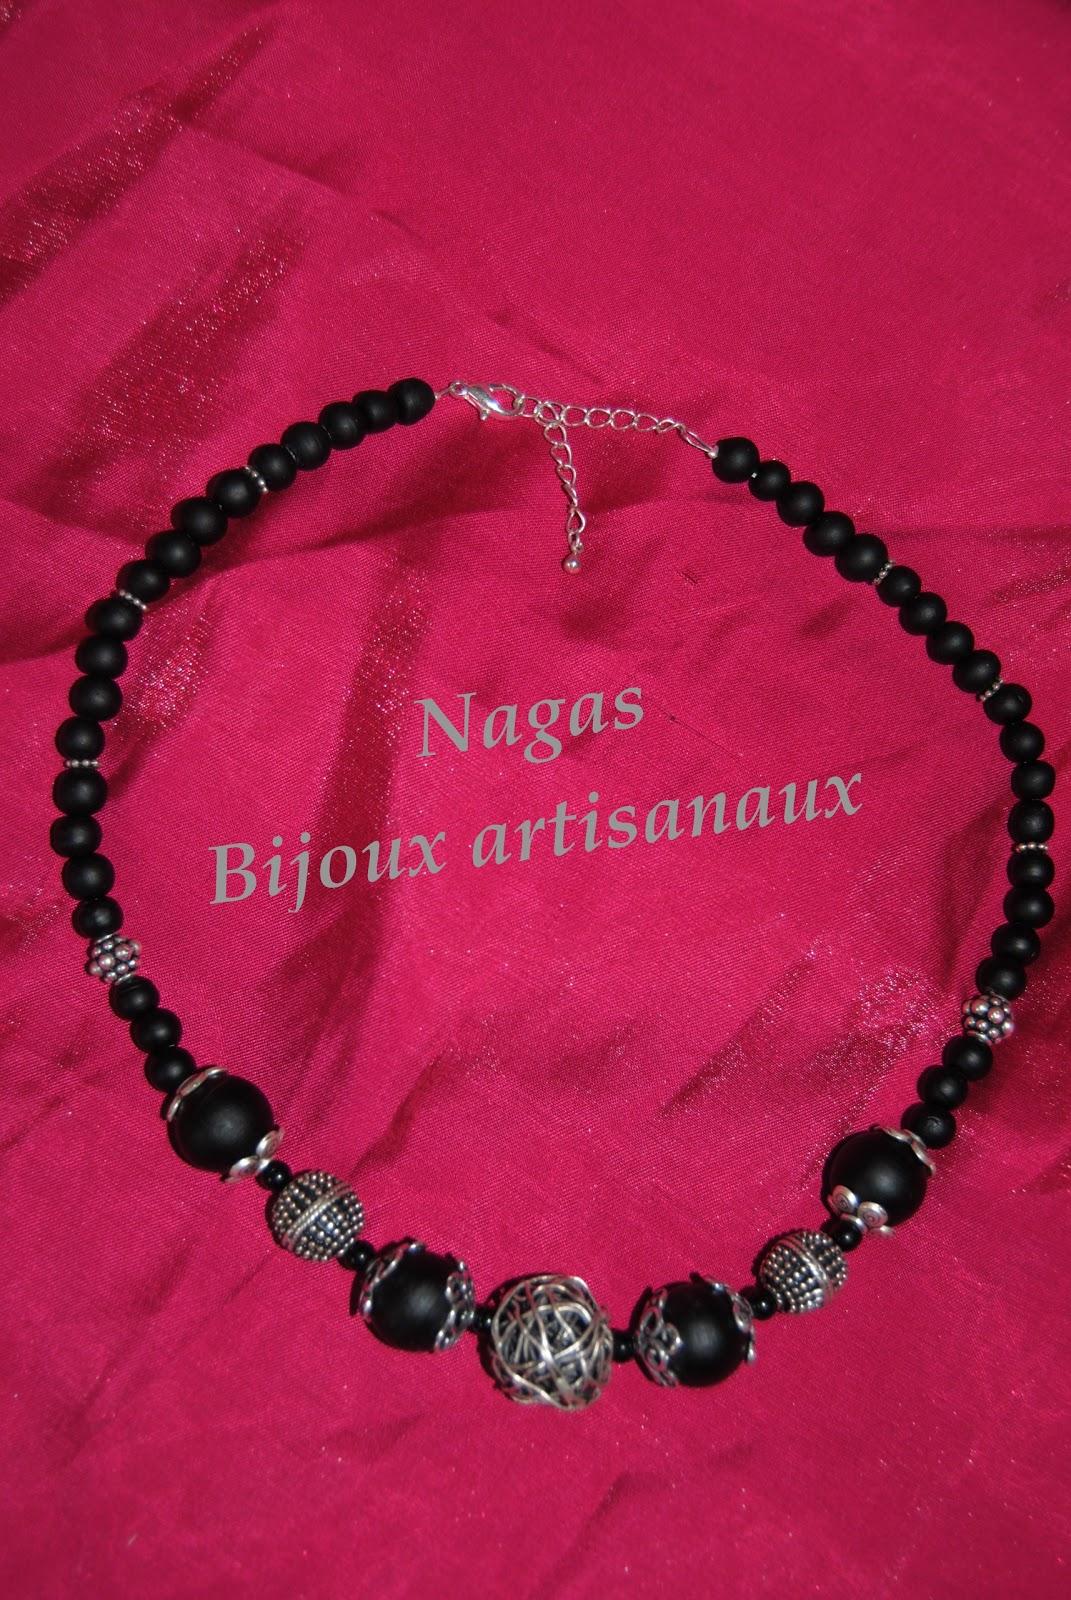 nagas bijoux artisanaux collier perle en fil de fer plaqu argent. Black Bedroom Furniture Sets. Home Design Ideas